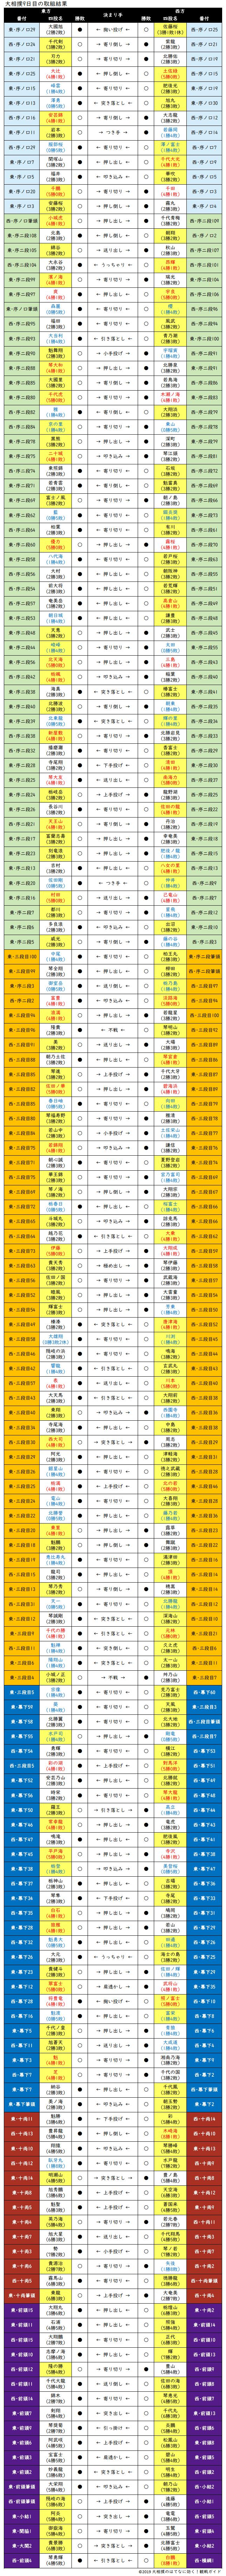 大相撲・2019年11月場所9日目の取組結果